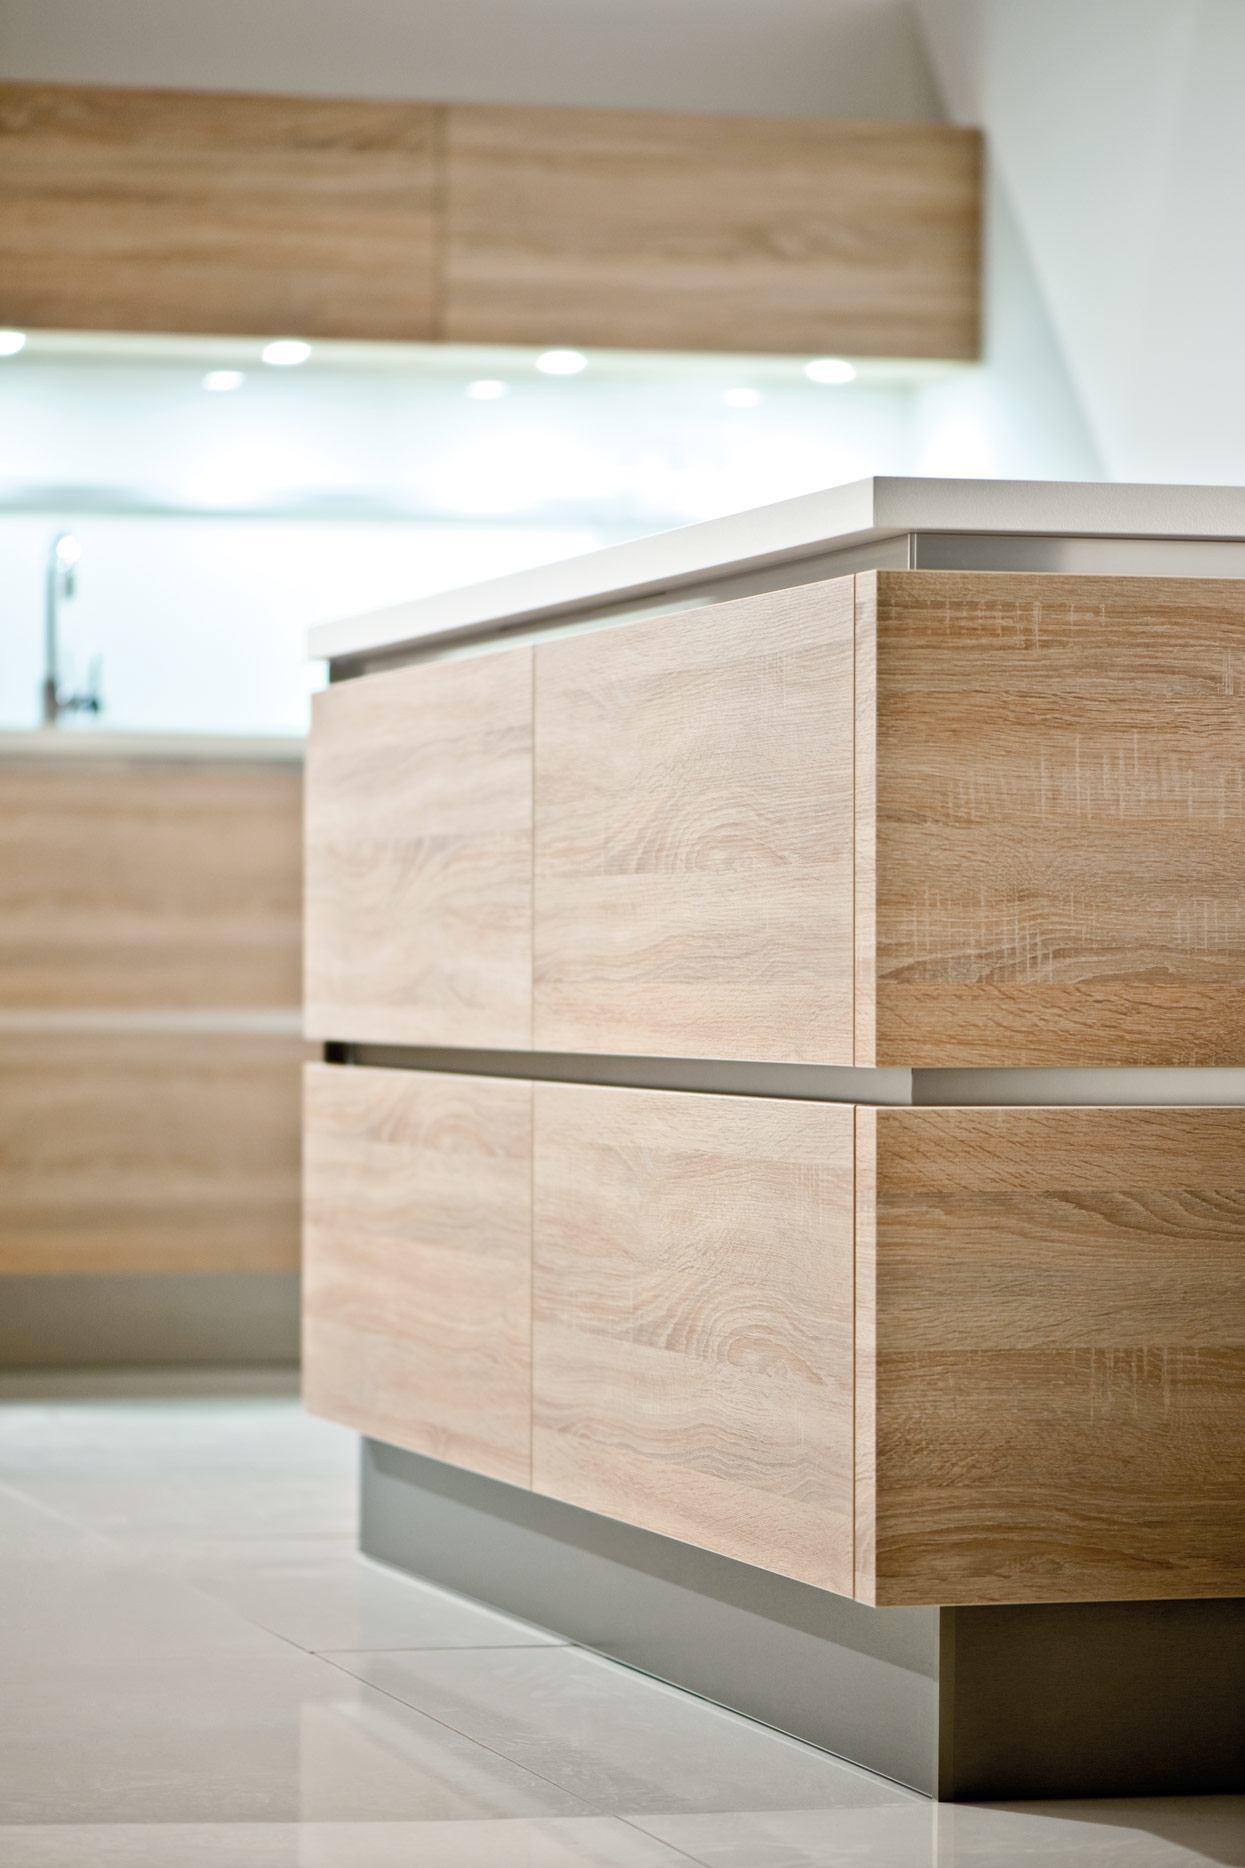 KandI Kitchens handle-less island